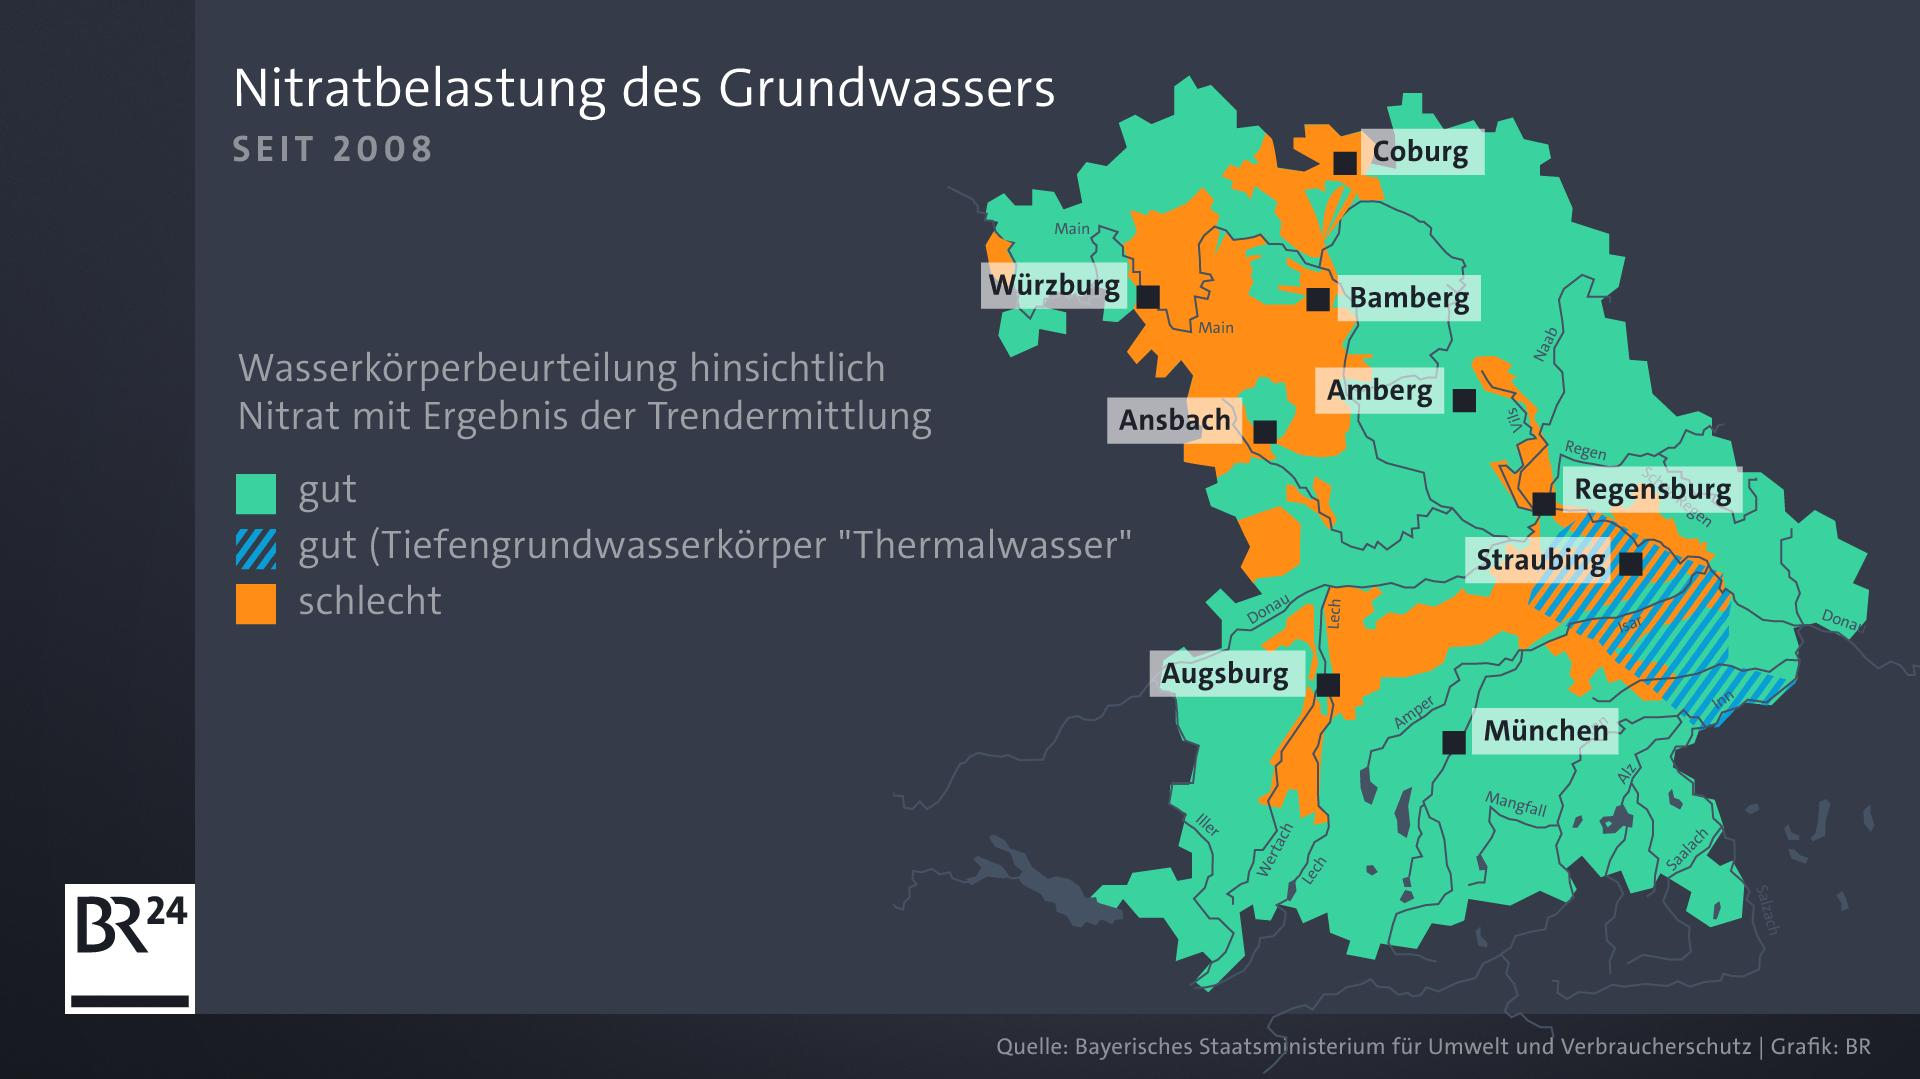 In Bayern sind relevante Teile des Grundwassers mit Nitrat belastet.